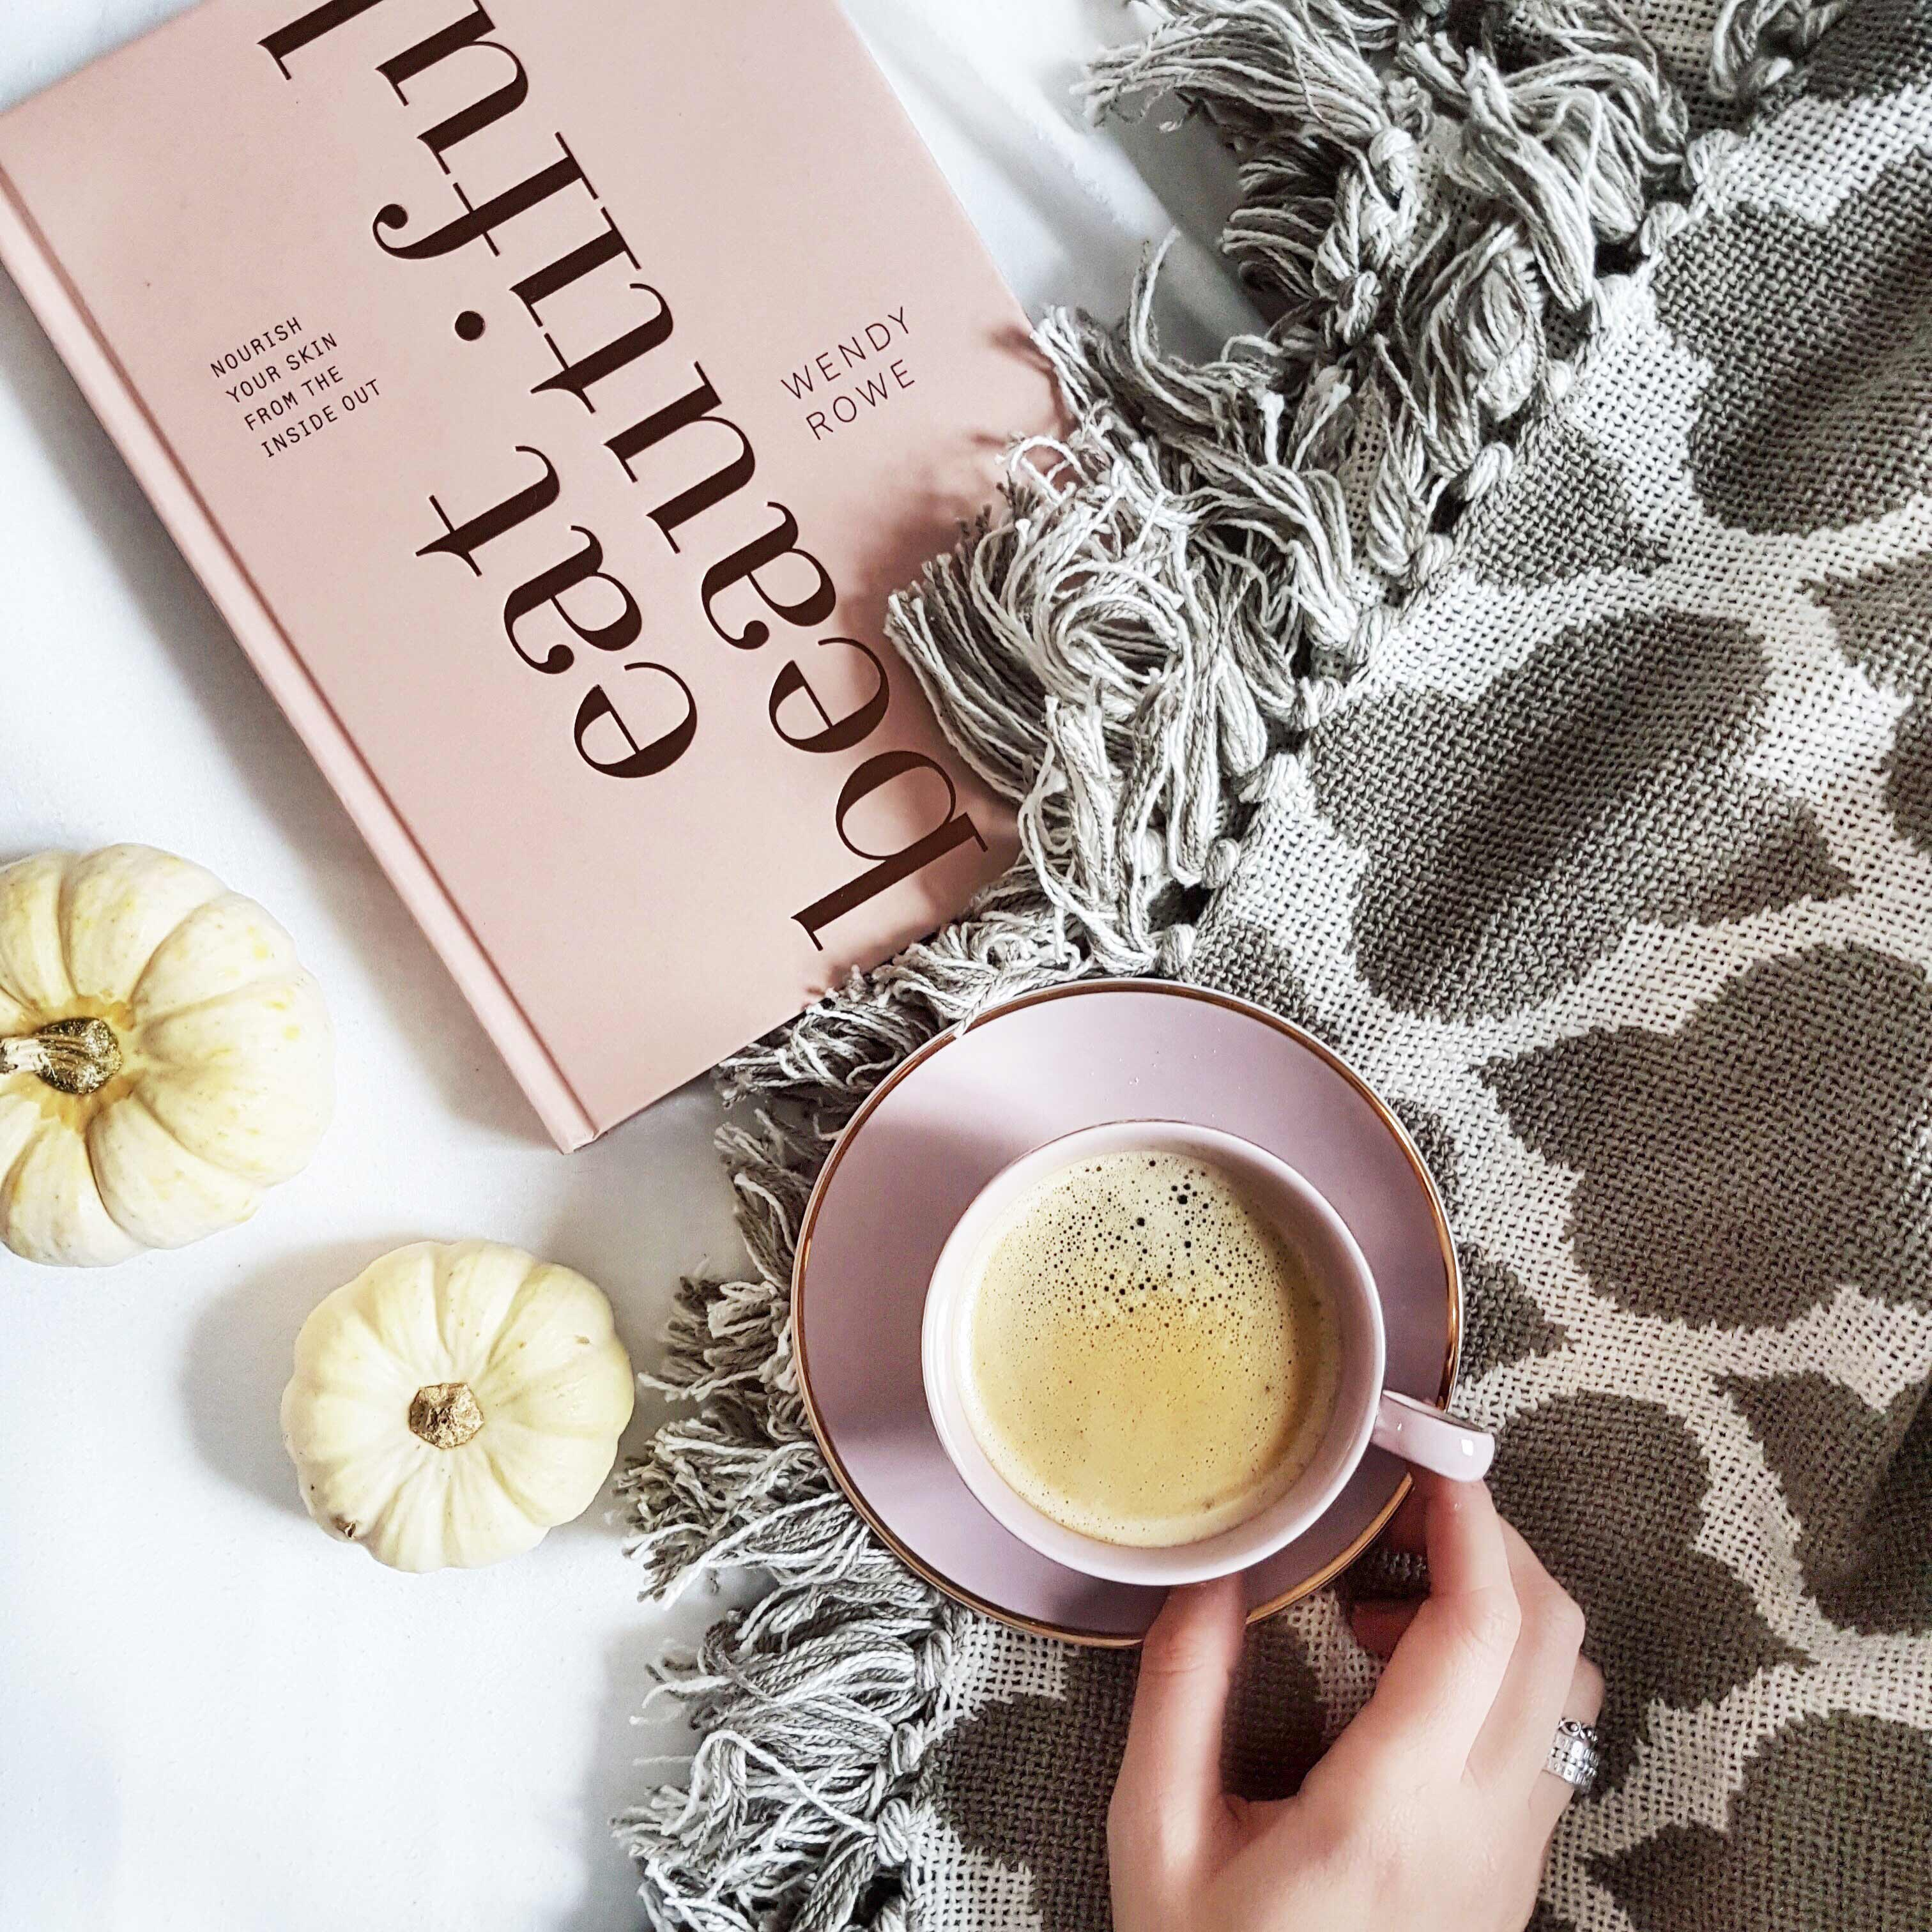 kaffee_herbstdekoration_fltalay_instagram_zukkerme_3